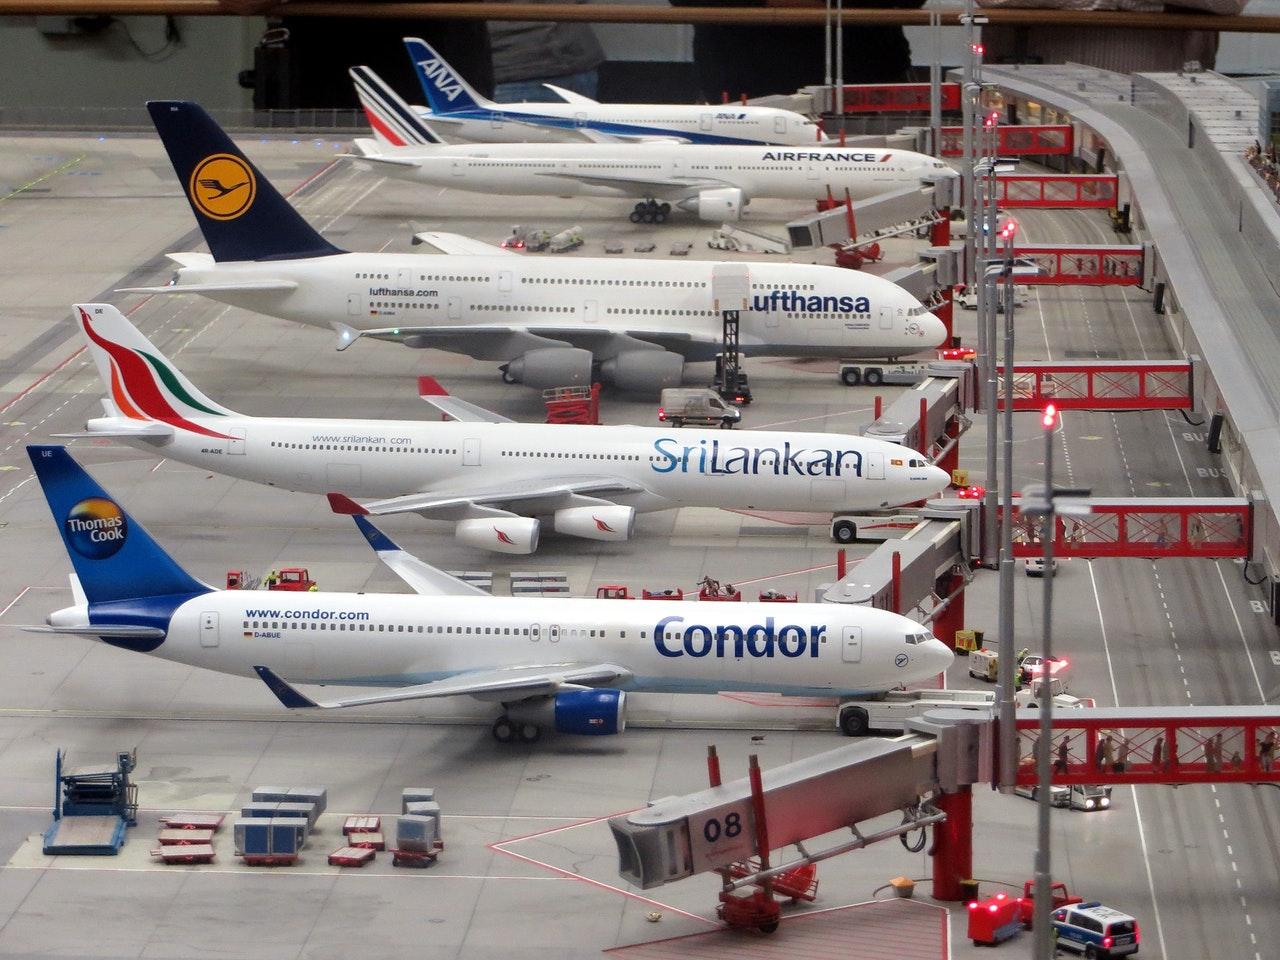 Kontrola bezpieczeństwa na lotnisku - jak przejść ją szybko i sprawnie?